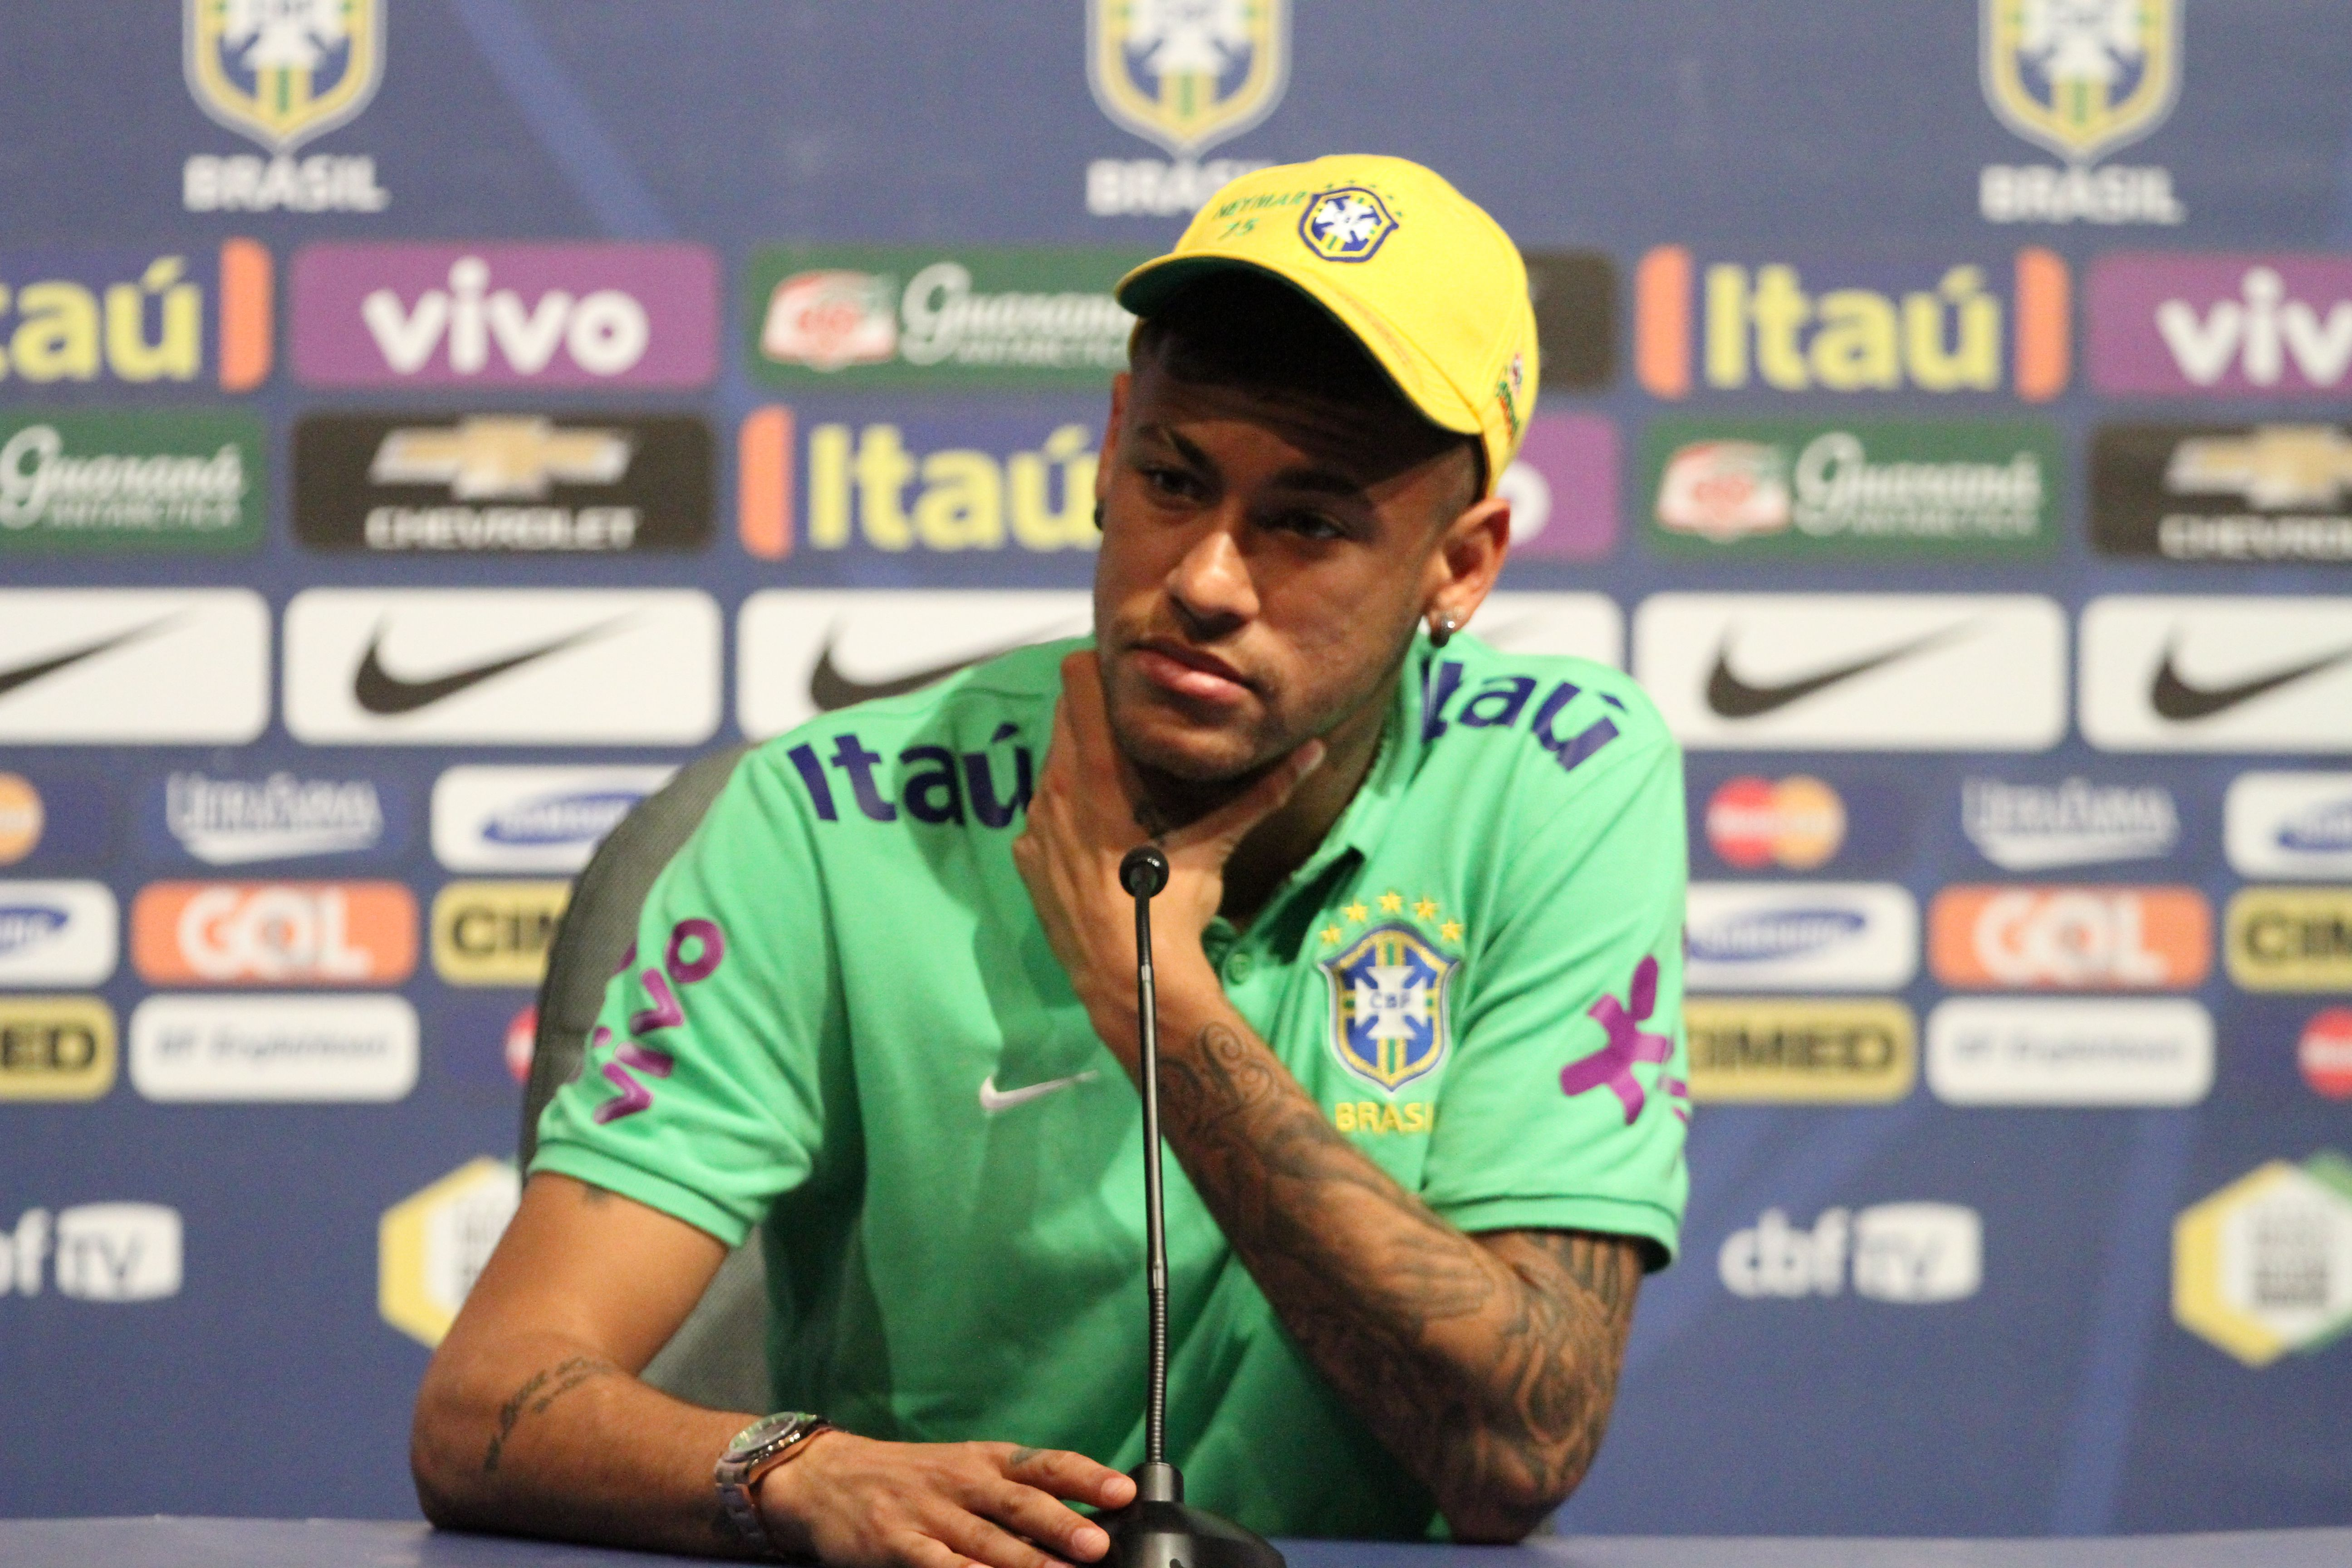 Com saudade de Suárez, Neymar acha Seleção e Barça incomparáveis #globoesporte